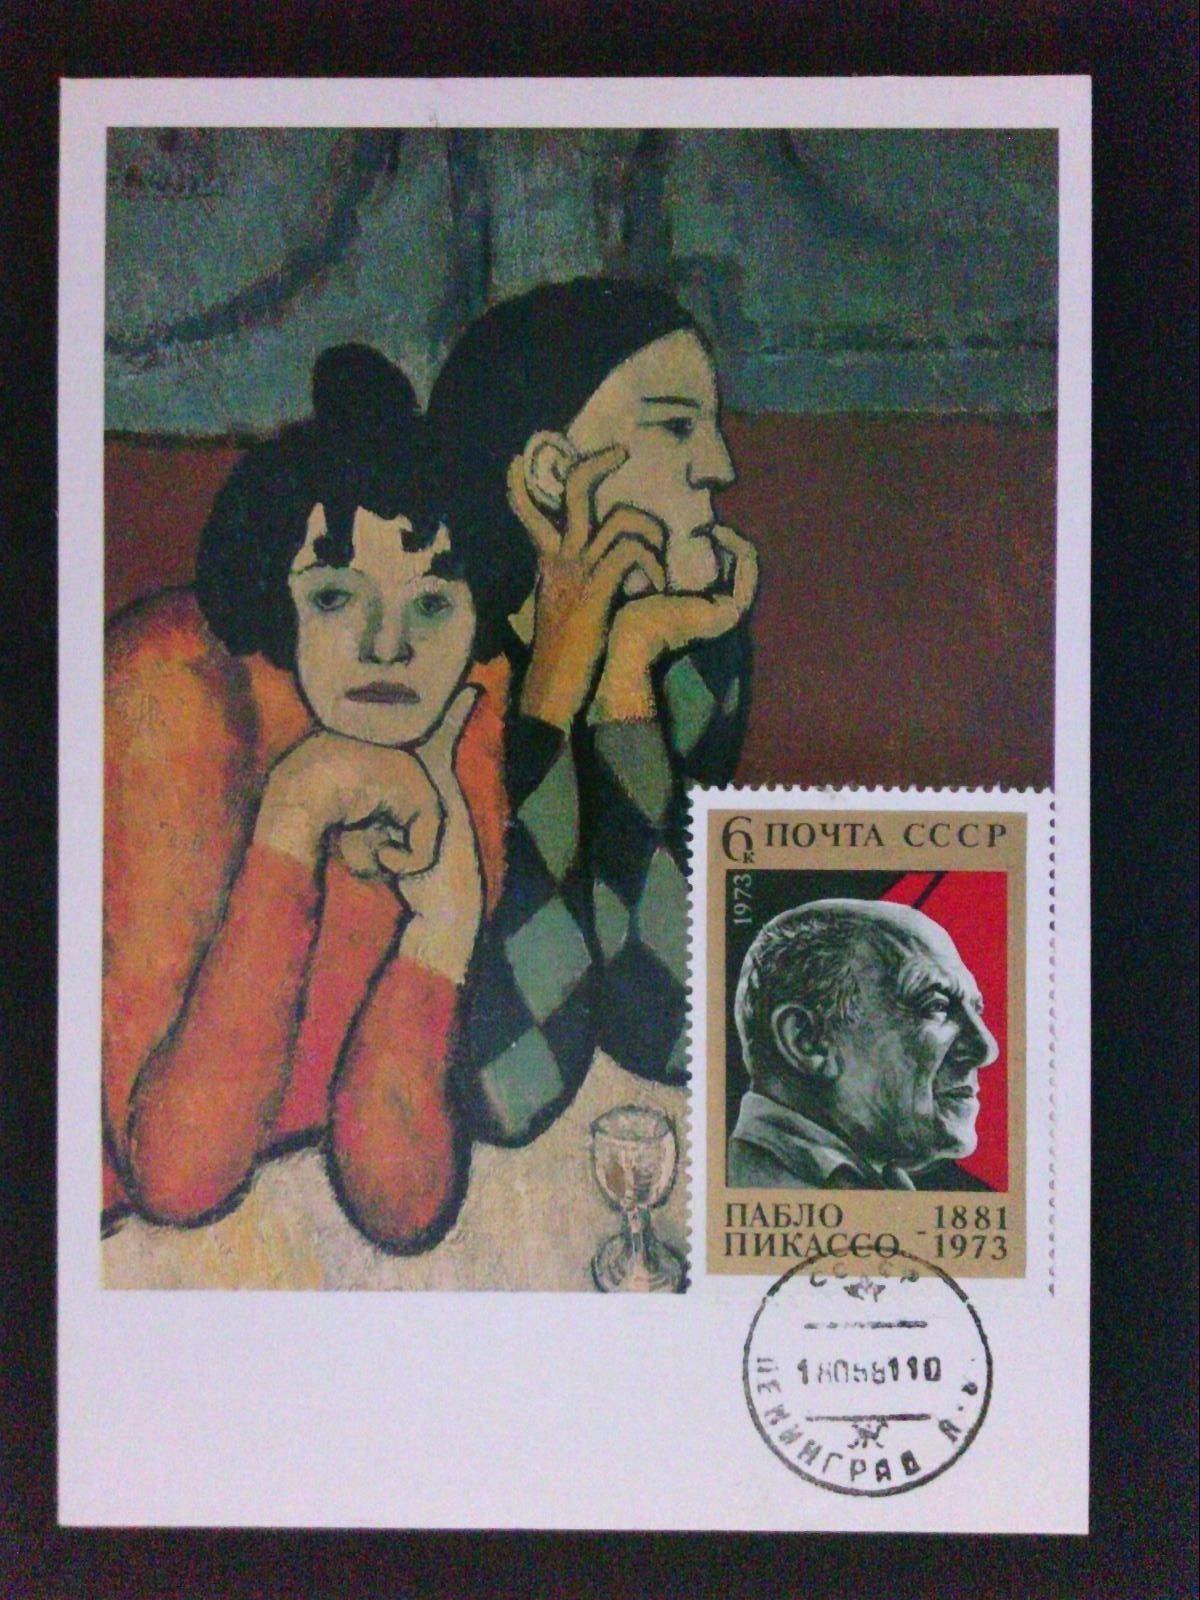 Russia MK Pablo Picasso Kunst Maximumkarte Carte Maximum Card MC cm C9519 | eBay